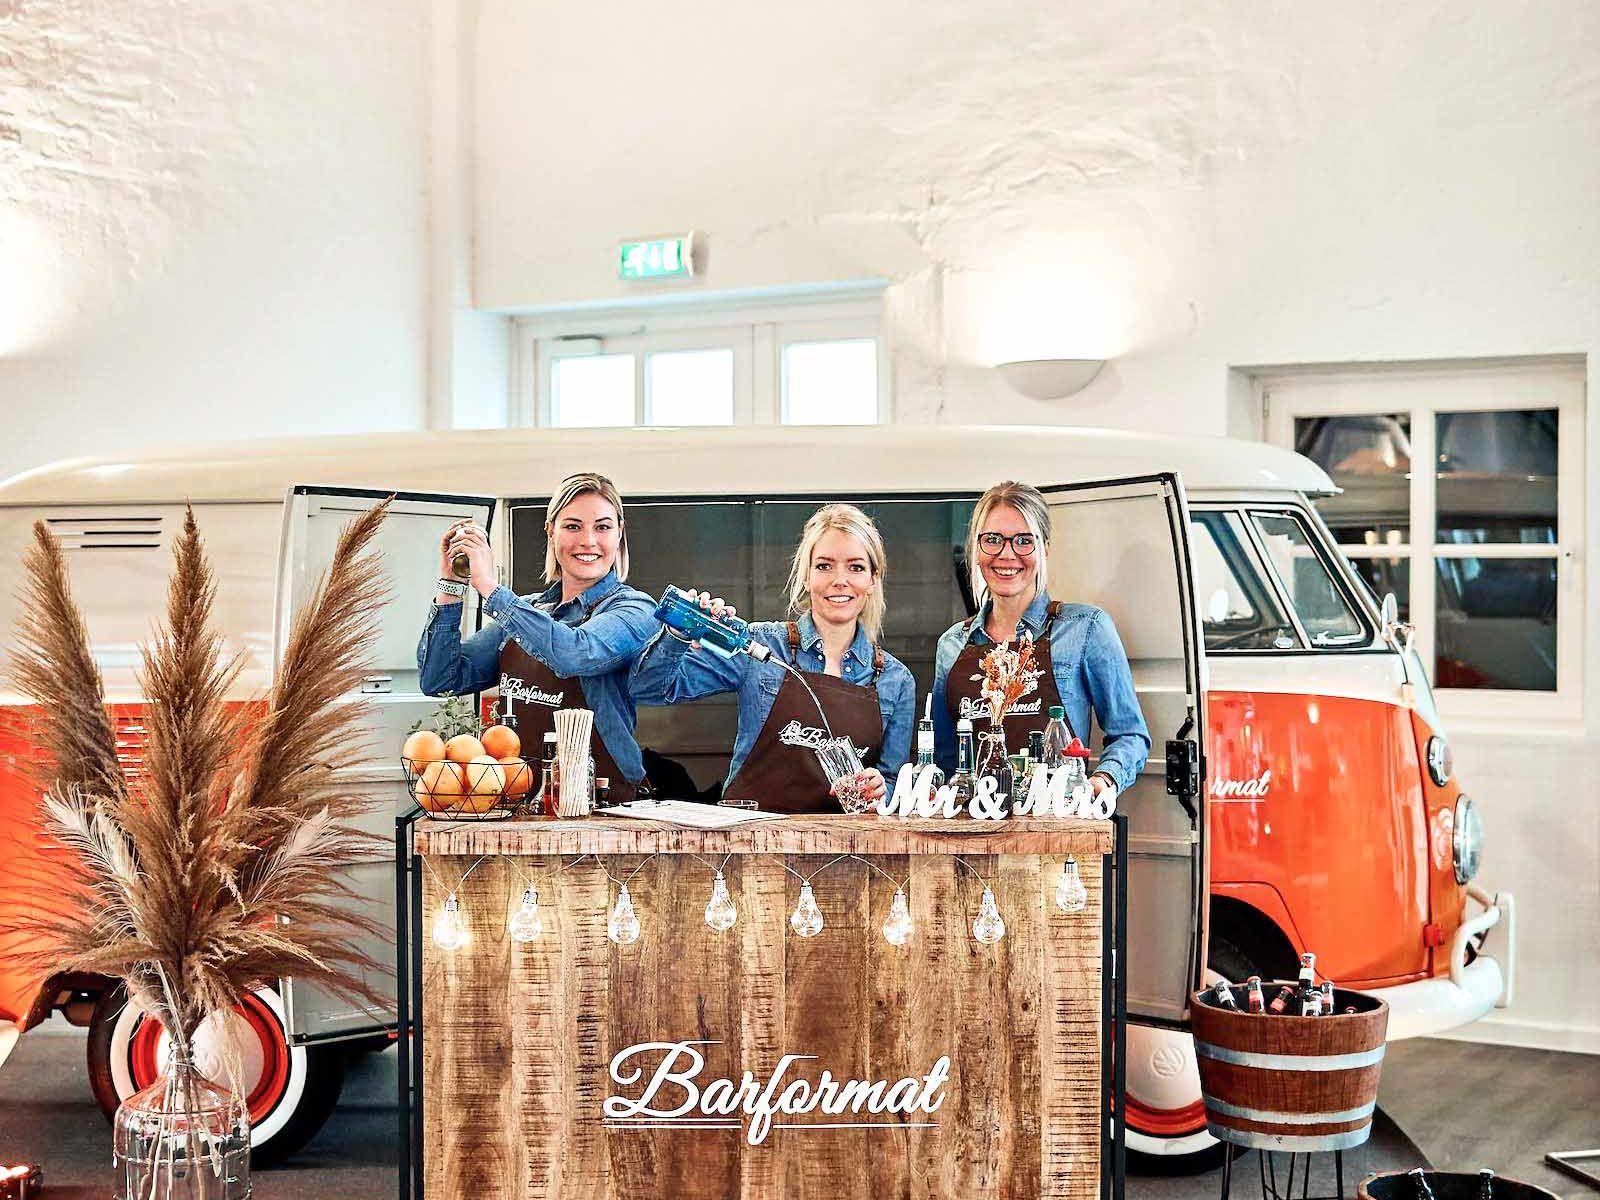 Mobile | Bar | Ape | Bulli | Bar | Cocktailservice | Sektbar | Getränke | Catering | Foodtruck | Kuchen | Sektempfang | Standesamt | Hochzeit | Barkeeper | Kellner | Hochzeit | Event | Mieten | Lehmann | Eventservice